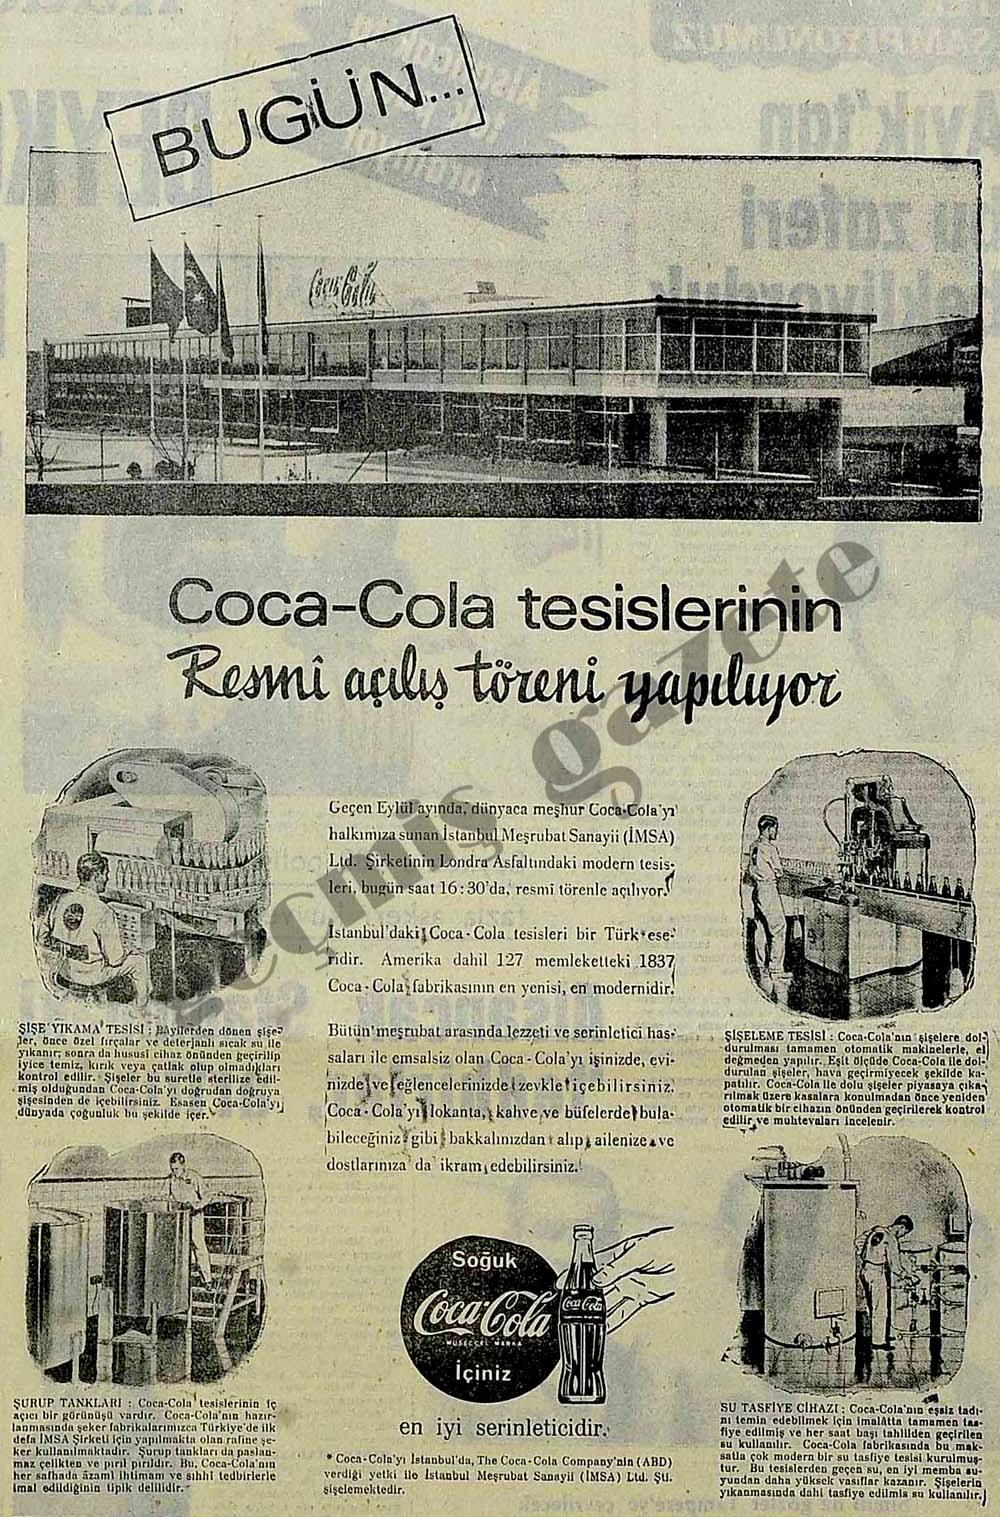 Bugün Coca-Cola tesislerinin resmi açılışı yapılıyor